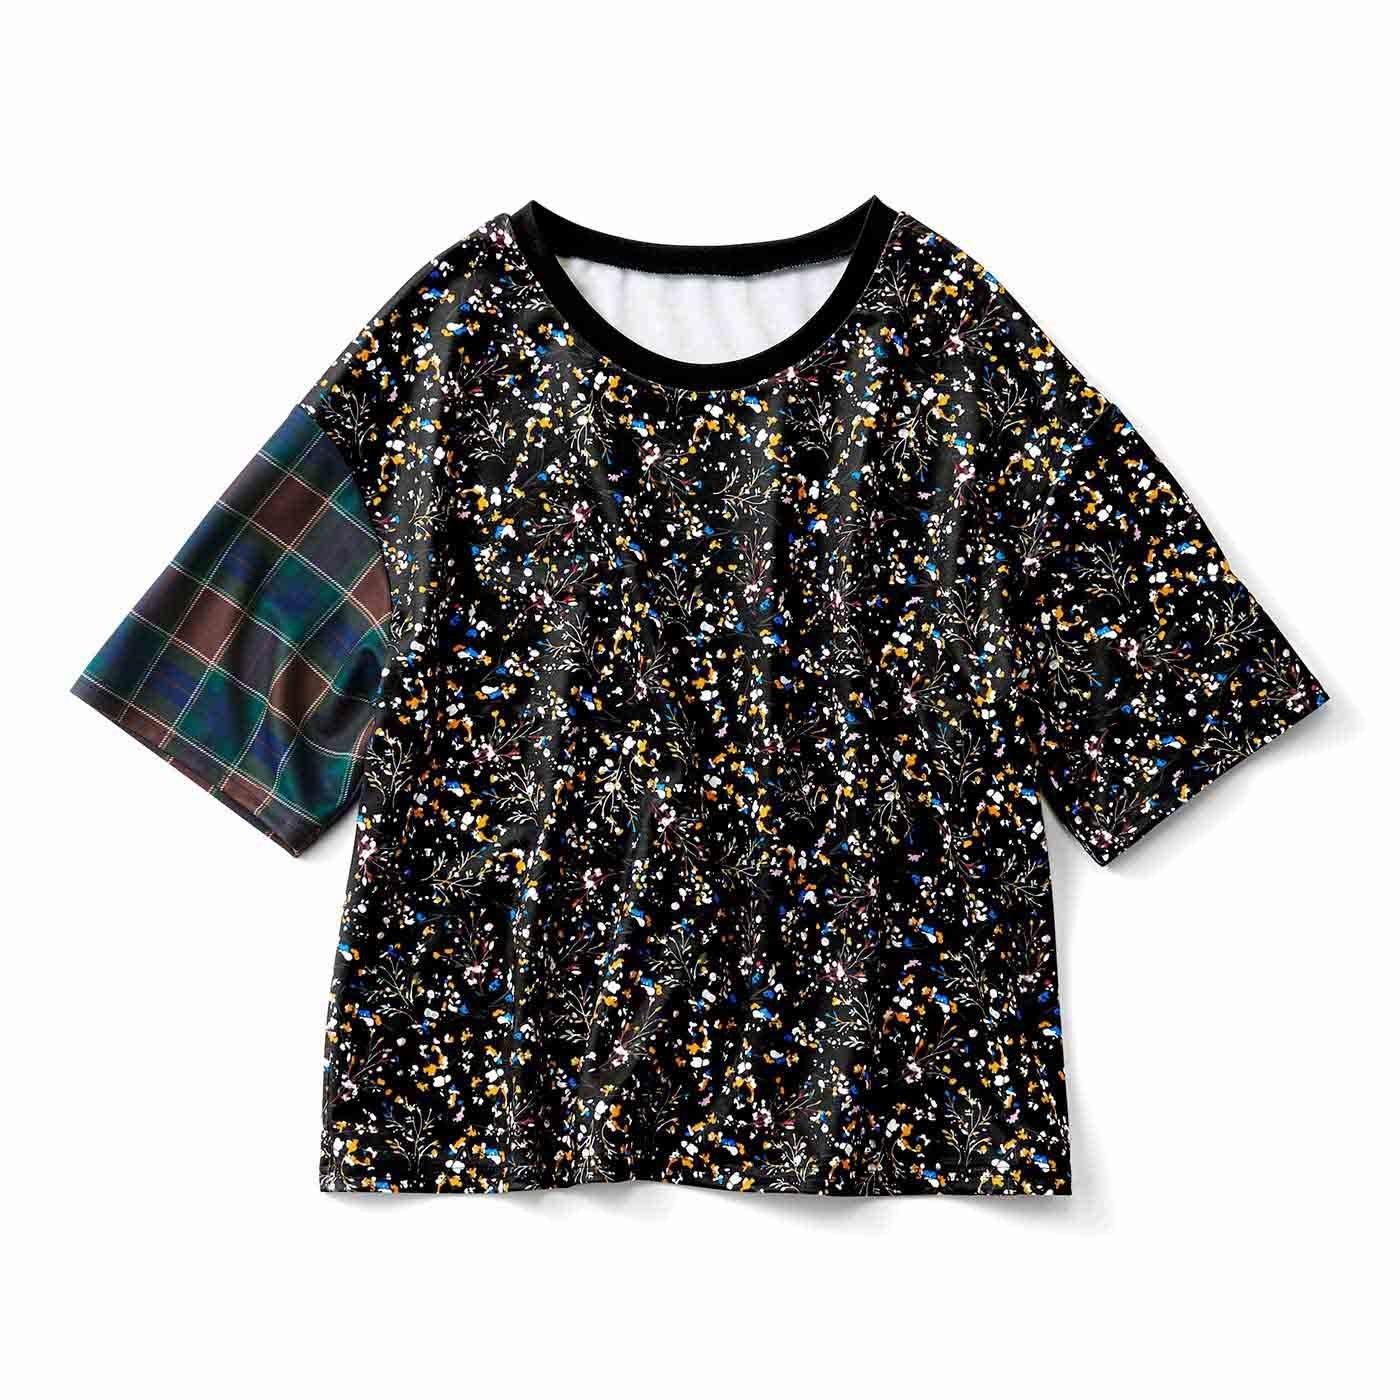 柄ミックスのゆるっとTシャツ〈花柄カラフル〉